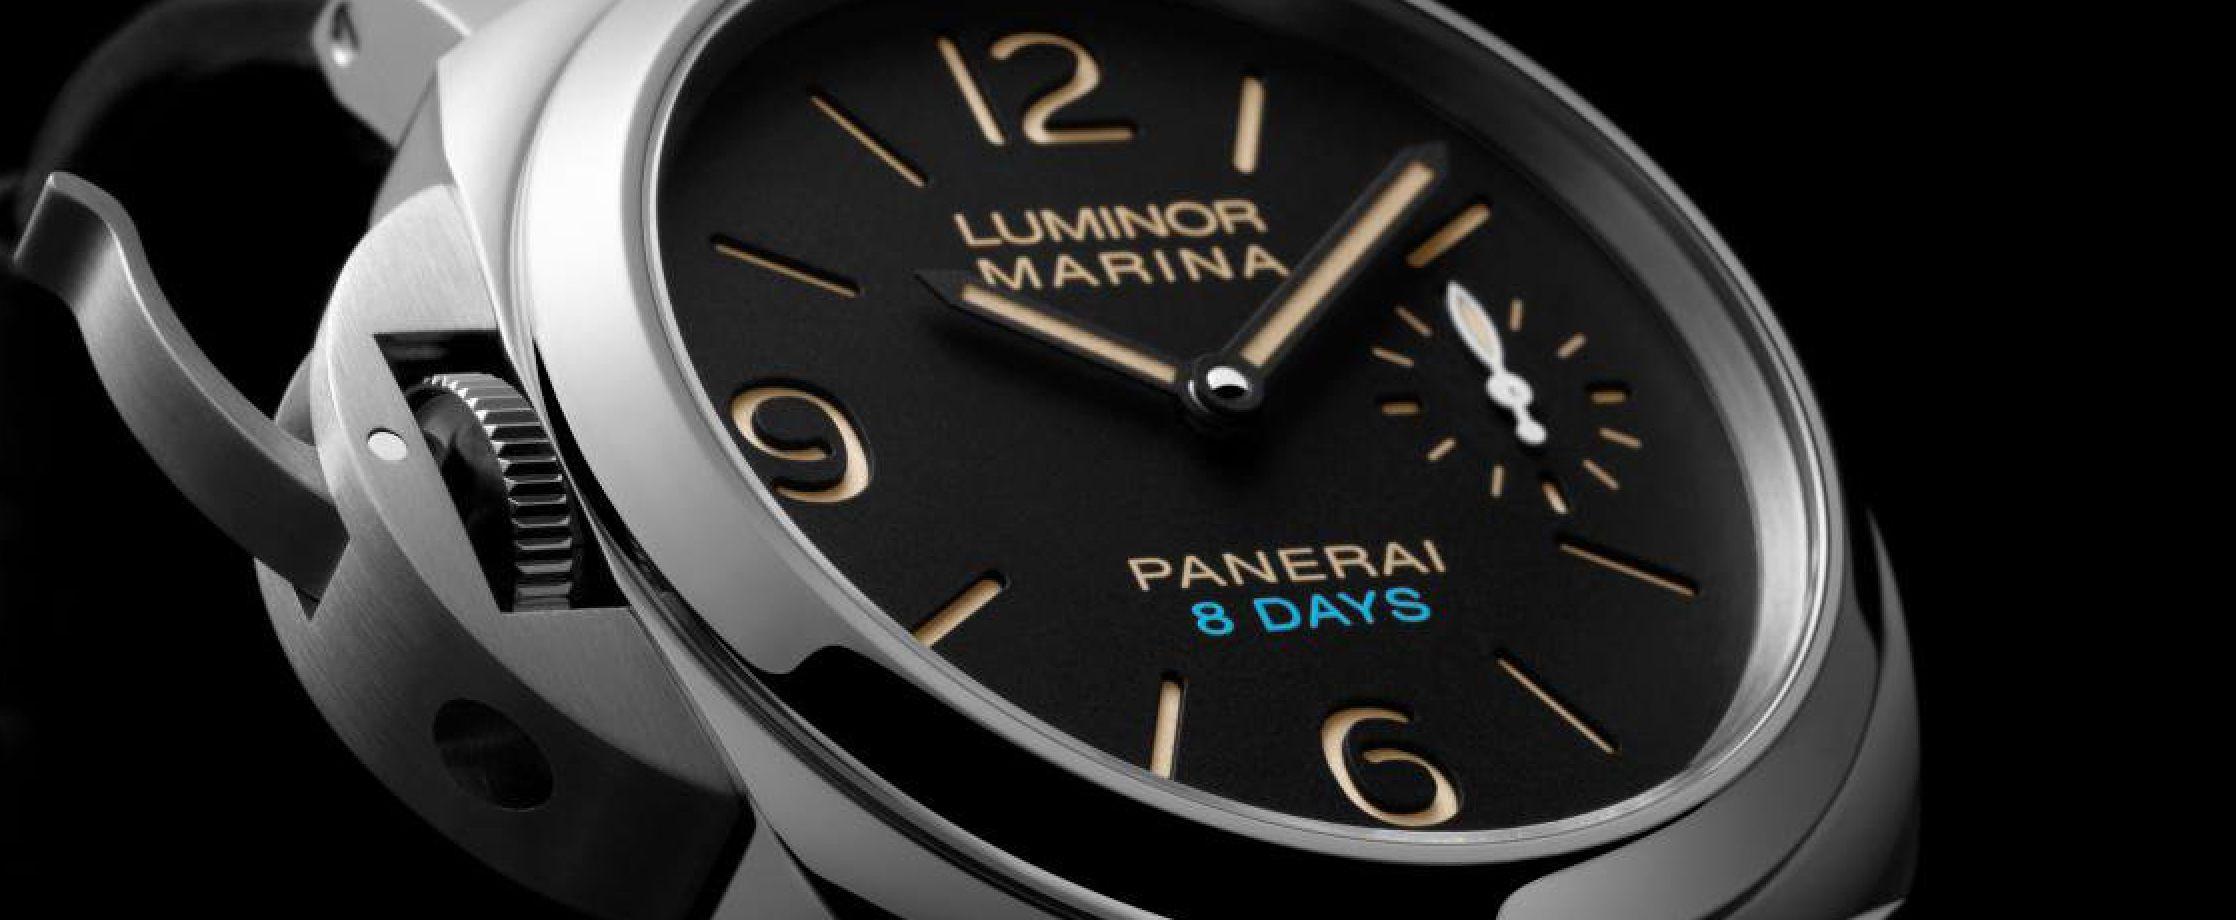 沛纳海发布三枚全新8天动力储备腕表-PAM00795、PAM0096、PAM00797